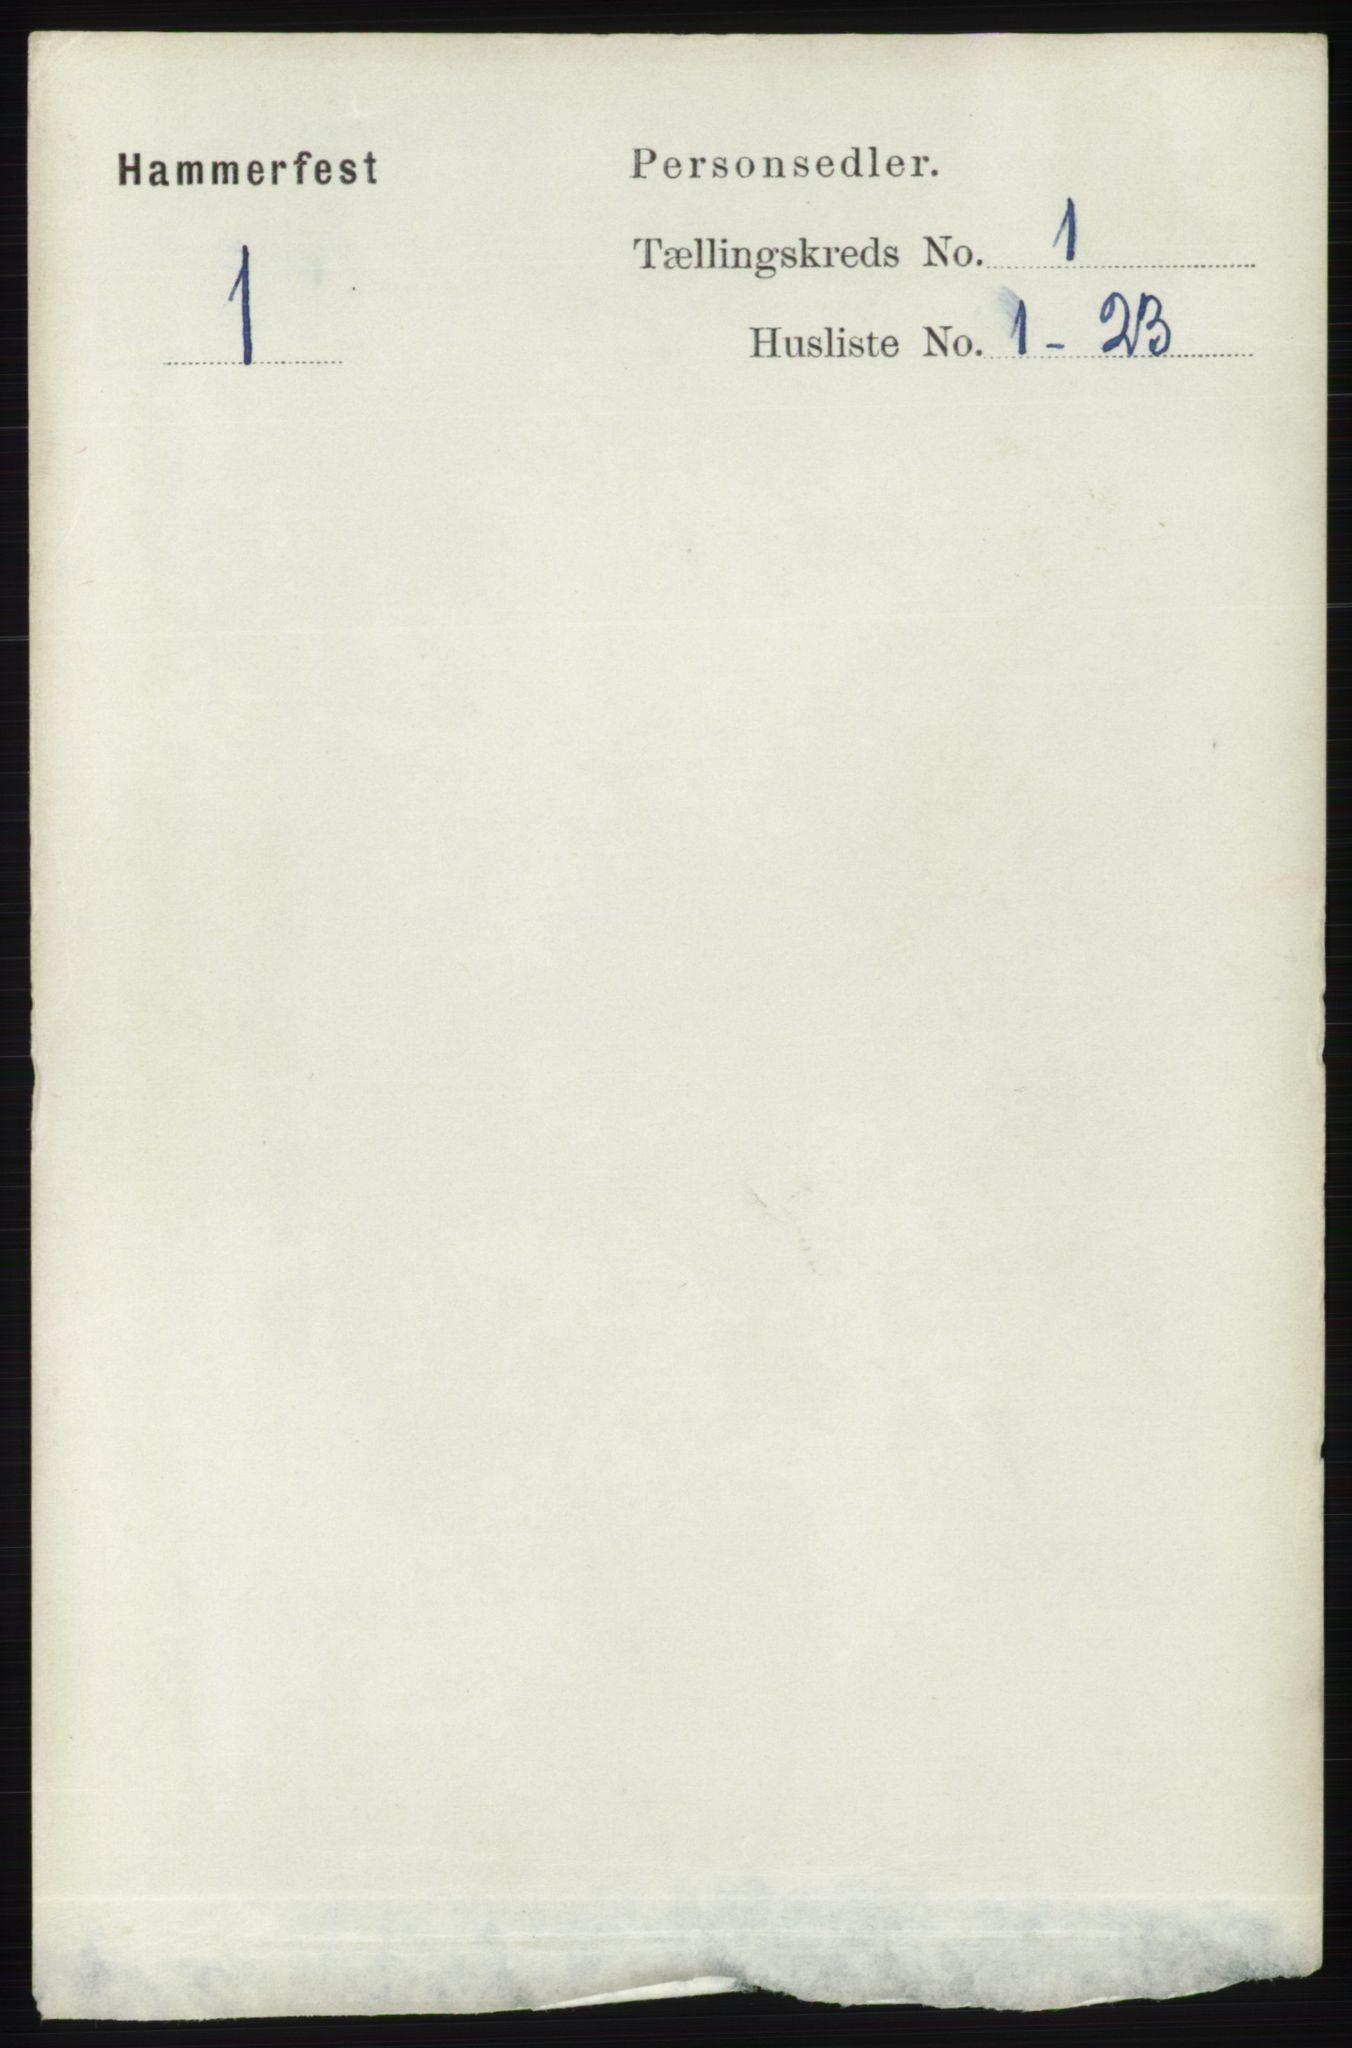 RA, Folketelling 1891 for 2001 Hammerfest kjøpstad, 1891, s. 65